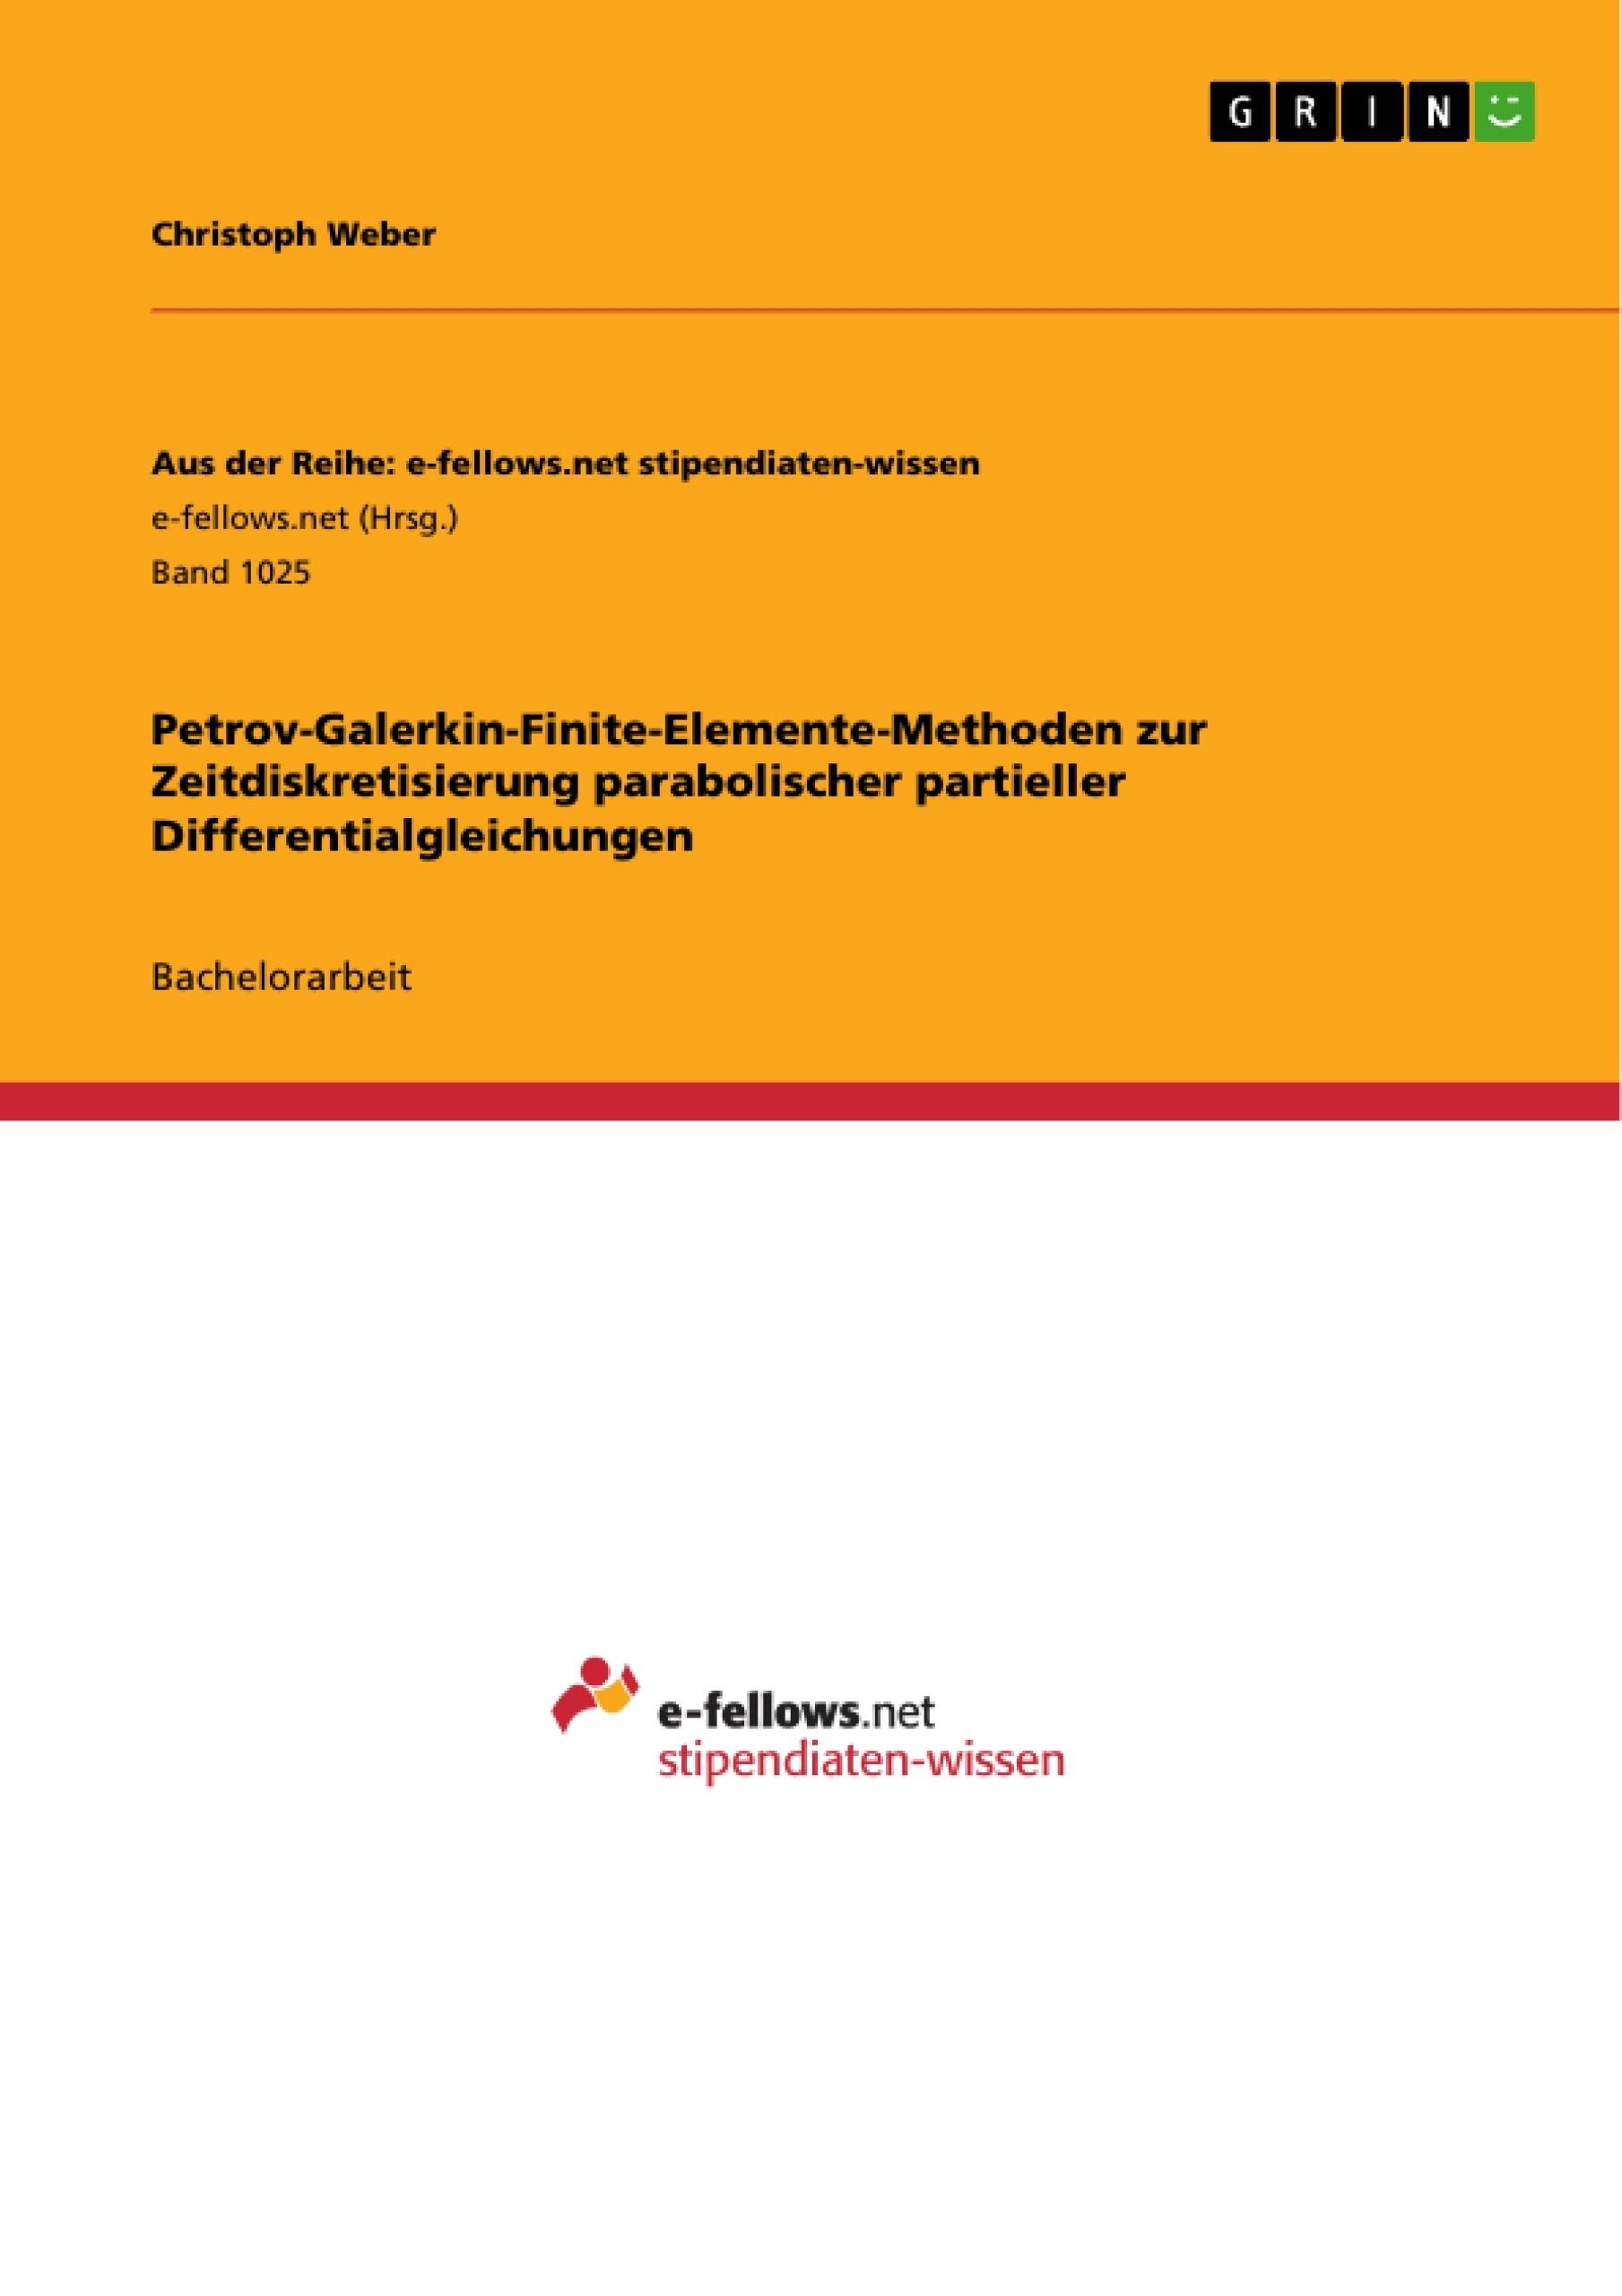 Titel: Petrov-Galerkin-Finite-Elemente-Methoden zur Zeitdiskretisierung parabolischer partieller Differentialgleichungen